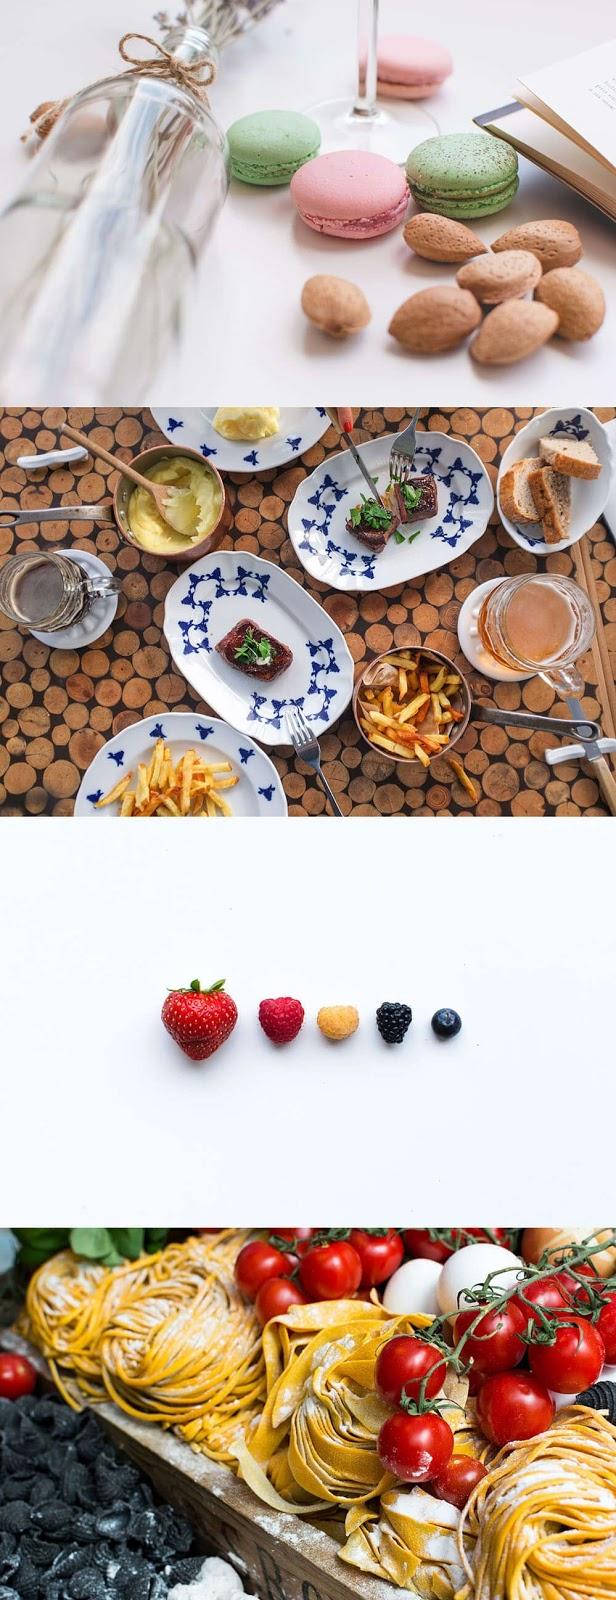 Fotografías de alimentos en alta resolución, gratuitas!